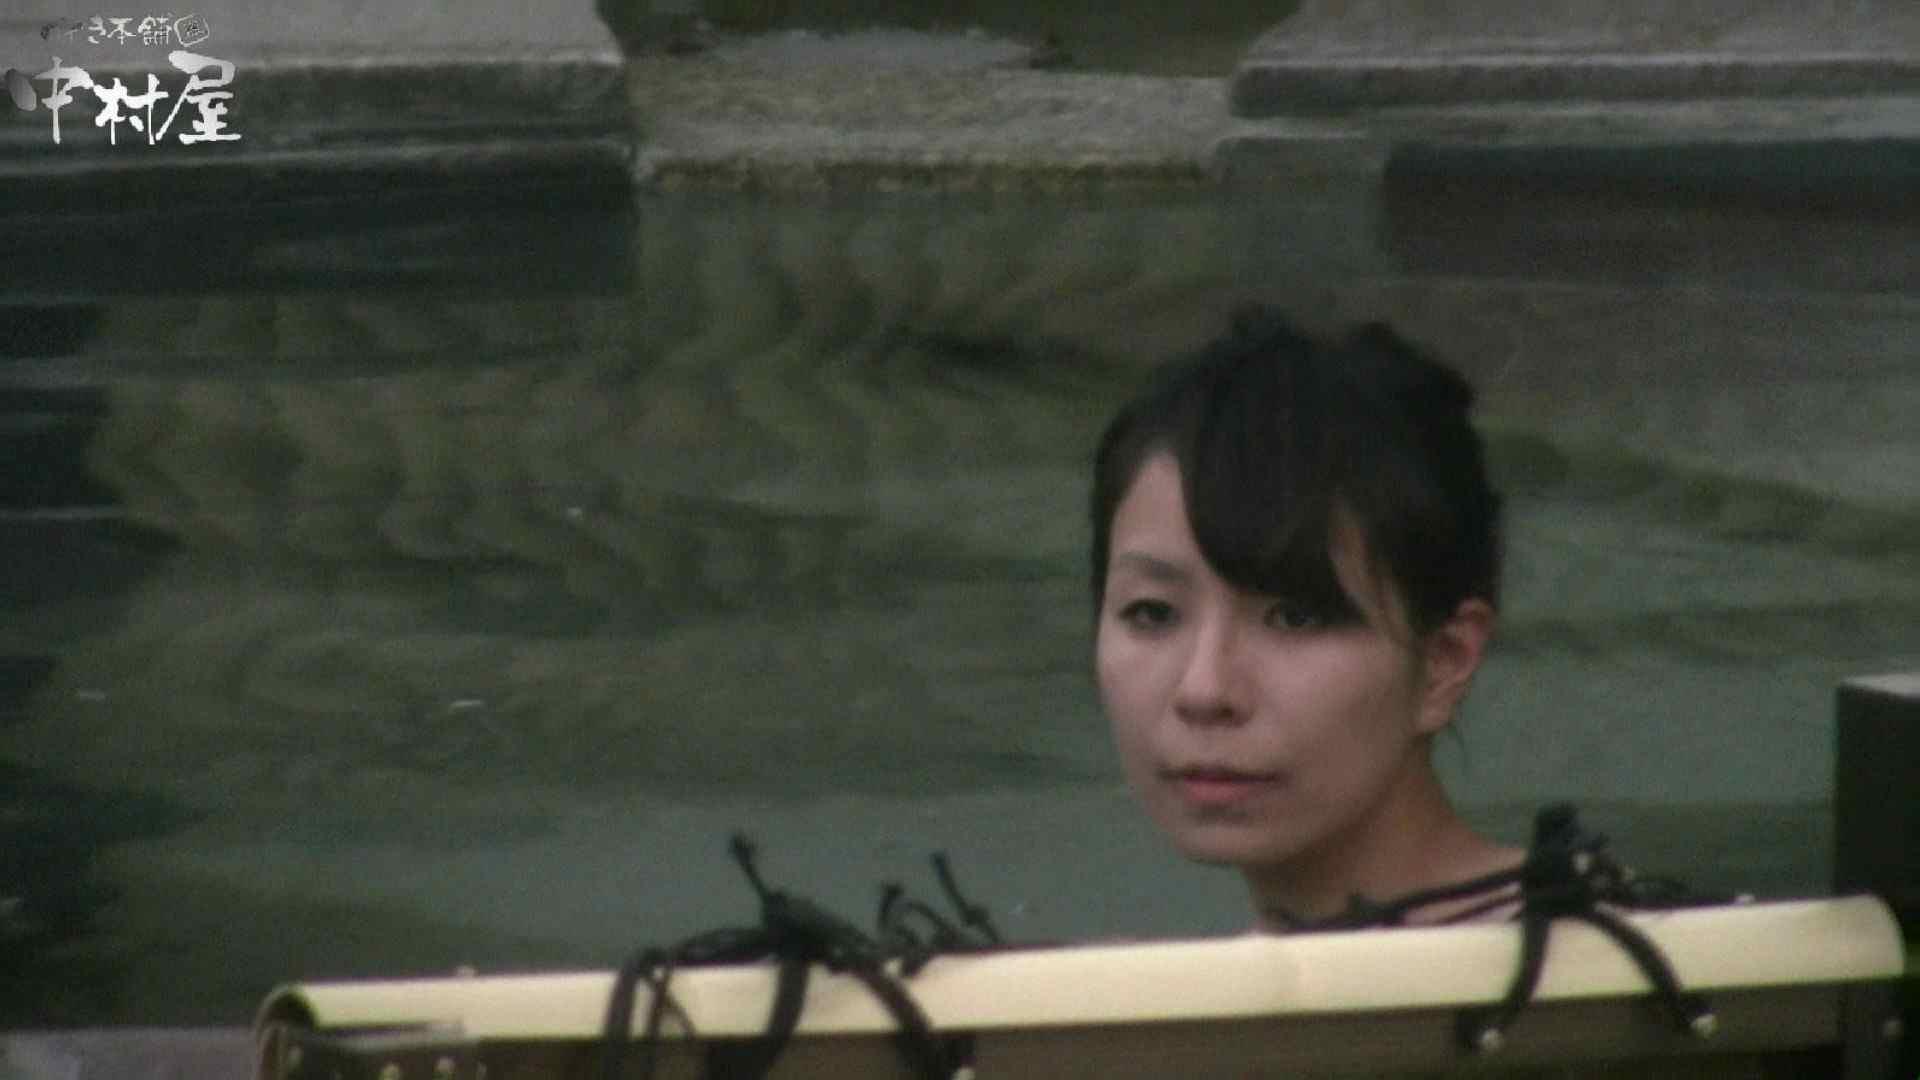 Aquaな露天風呂Vol.930 0   0  101pic 63